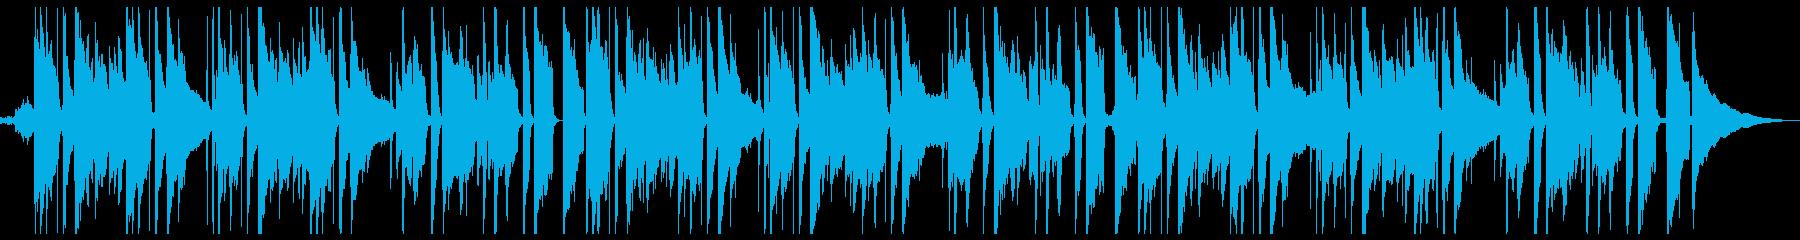 ゆったりとしたギターサウンドの再生済みの波形